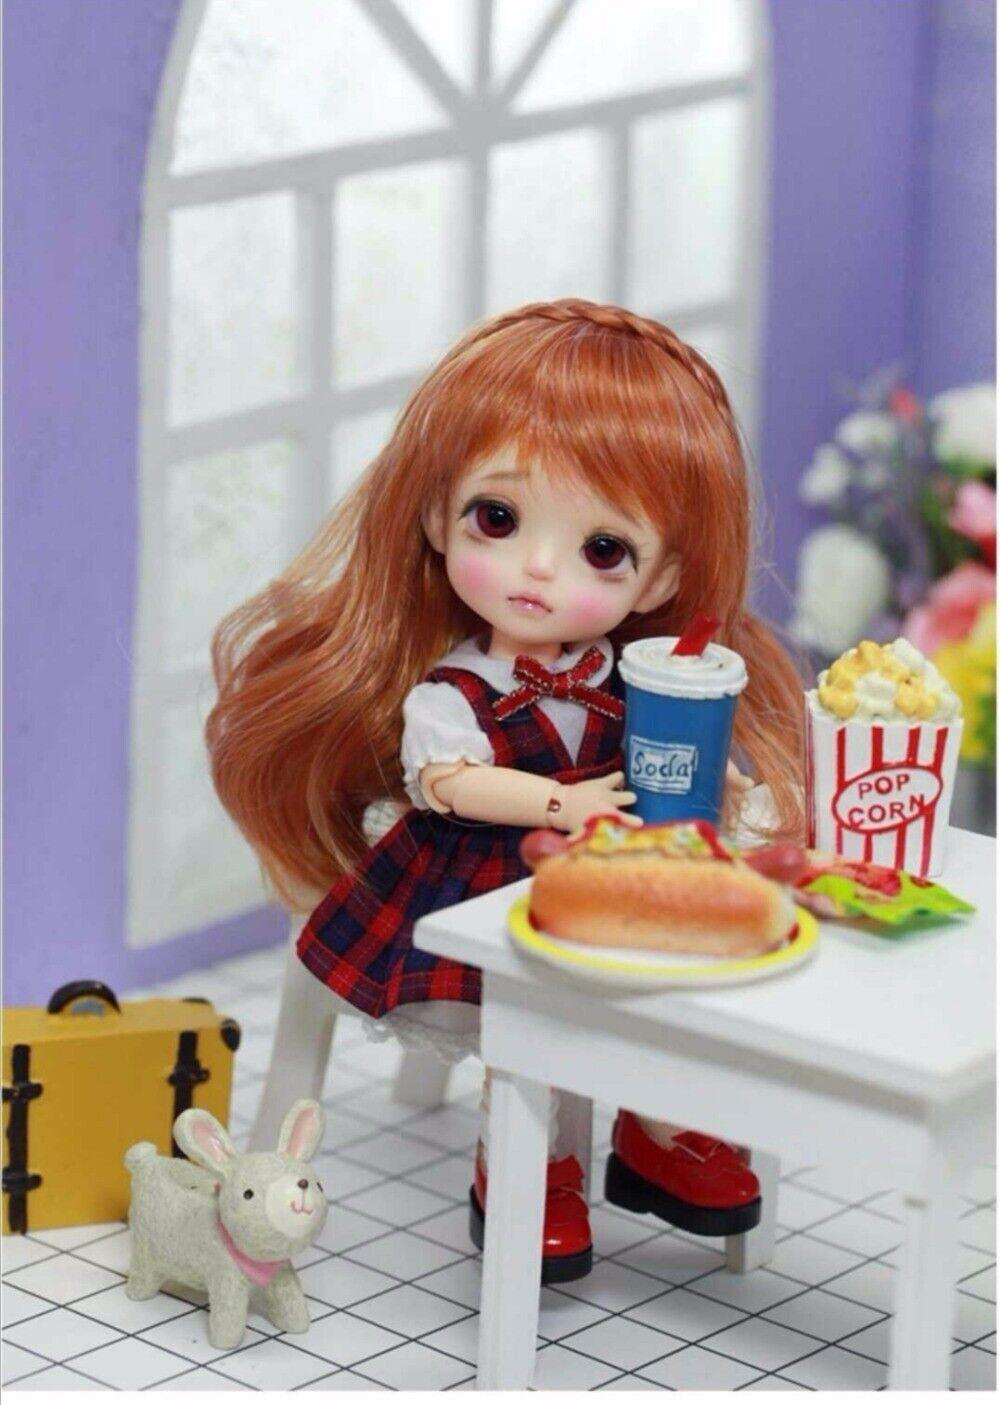 in vendita Muñeca Muñeca Muñeca bjd recast tiny cute gratuito shipping 1 8 bjd bambola soi bambolafie anime uomoga  alta qualità genuina